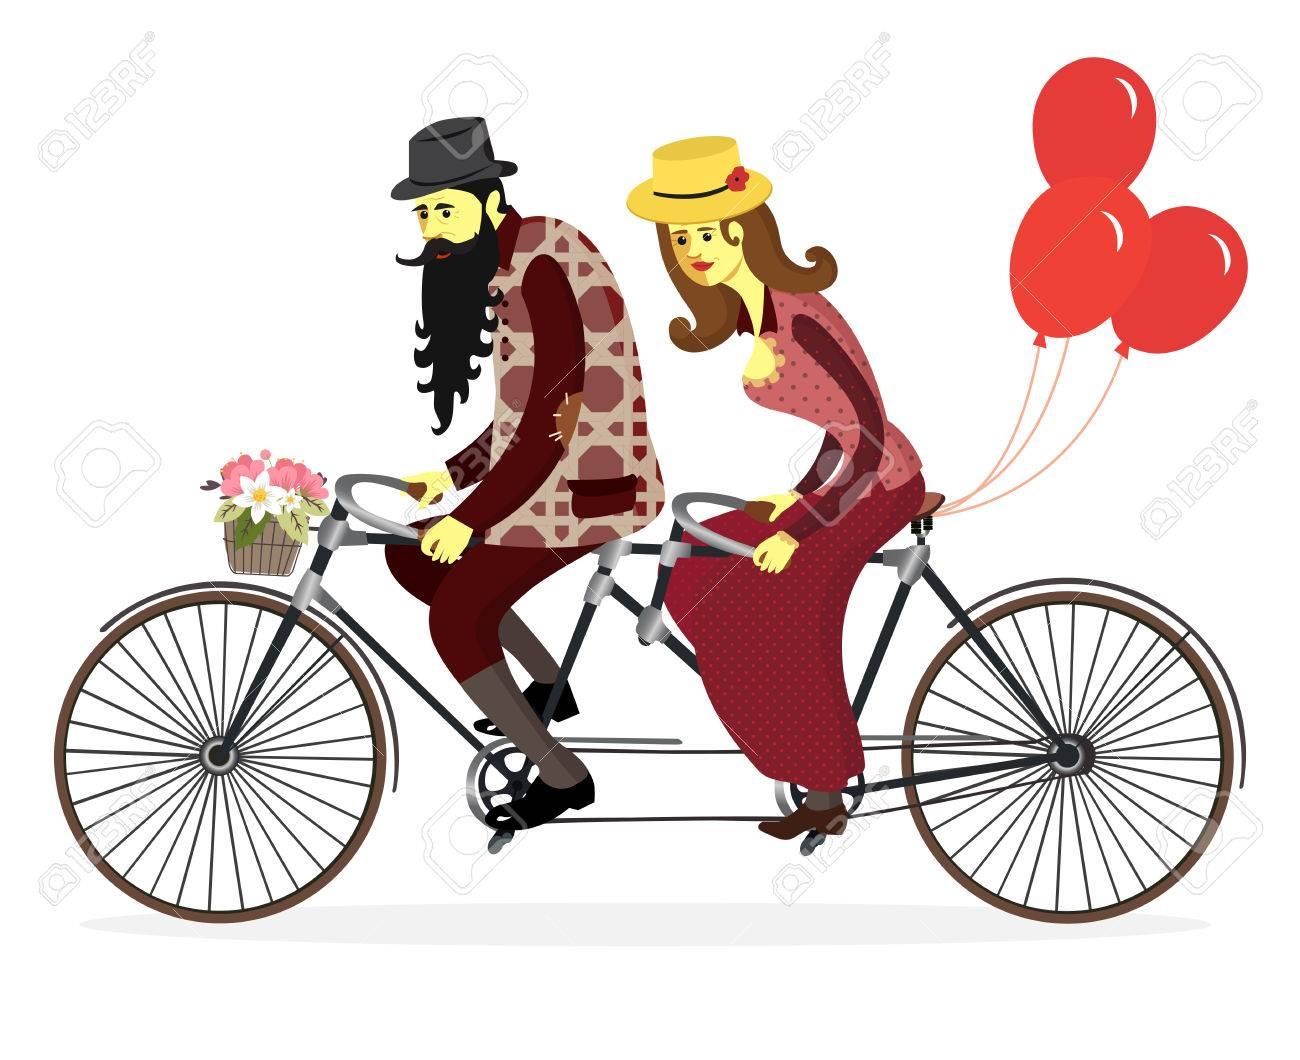 カップル男性と女性が風船と自転車を愛する自転車に乗ってかわいい恋人